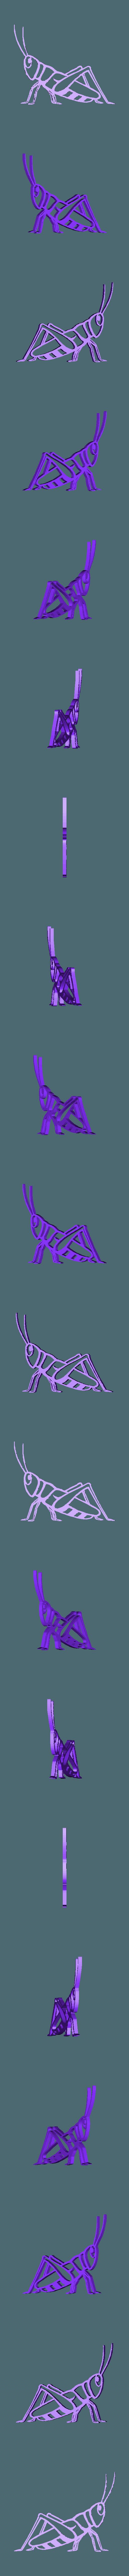 Sauterelle.stl Download free STL file JUMP • 3D printer object, oasisk